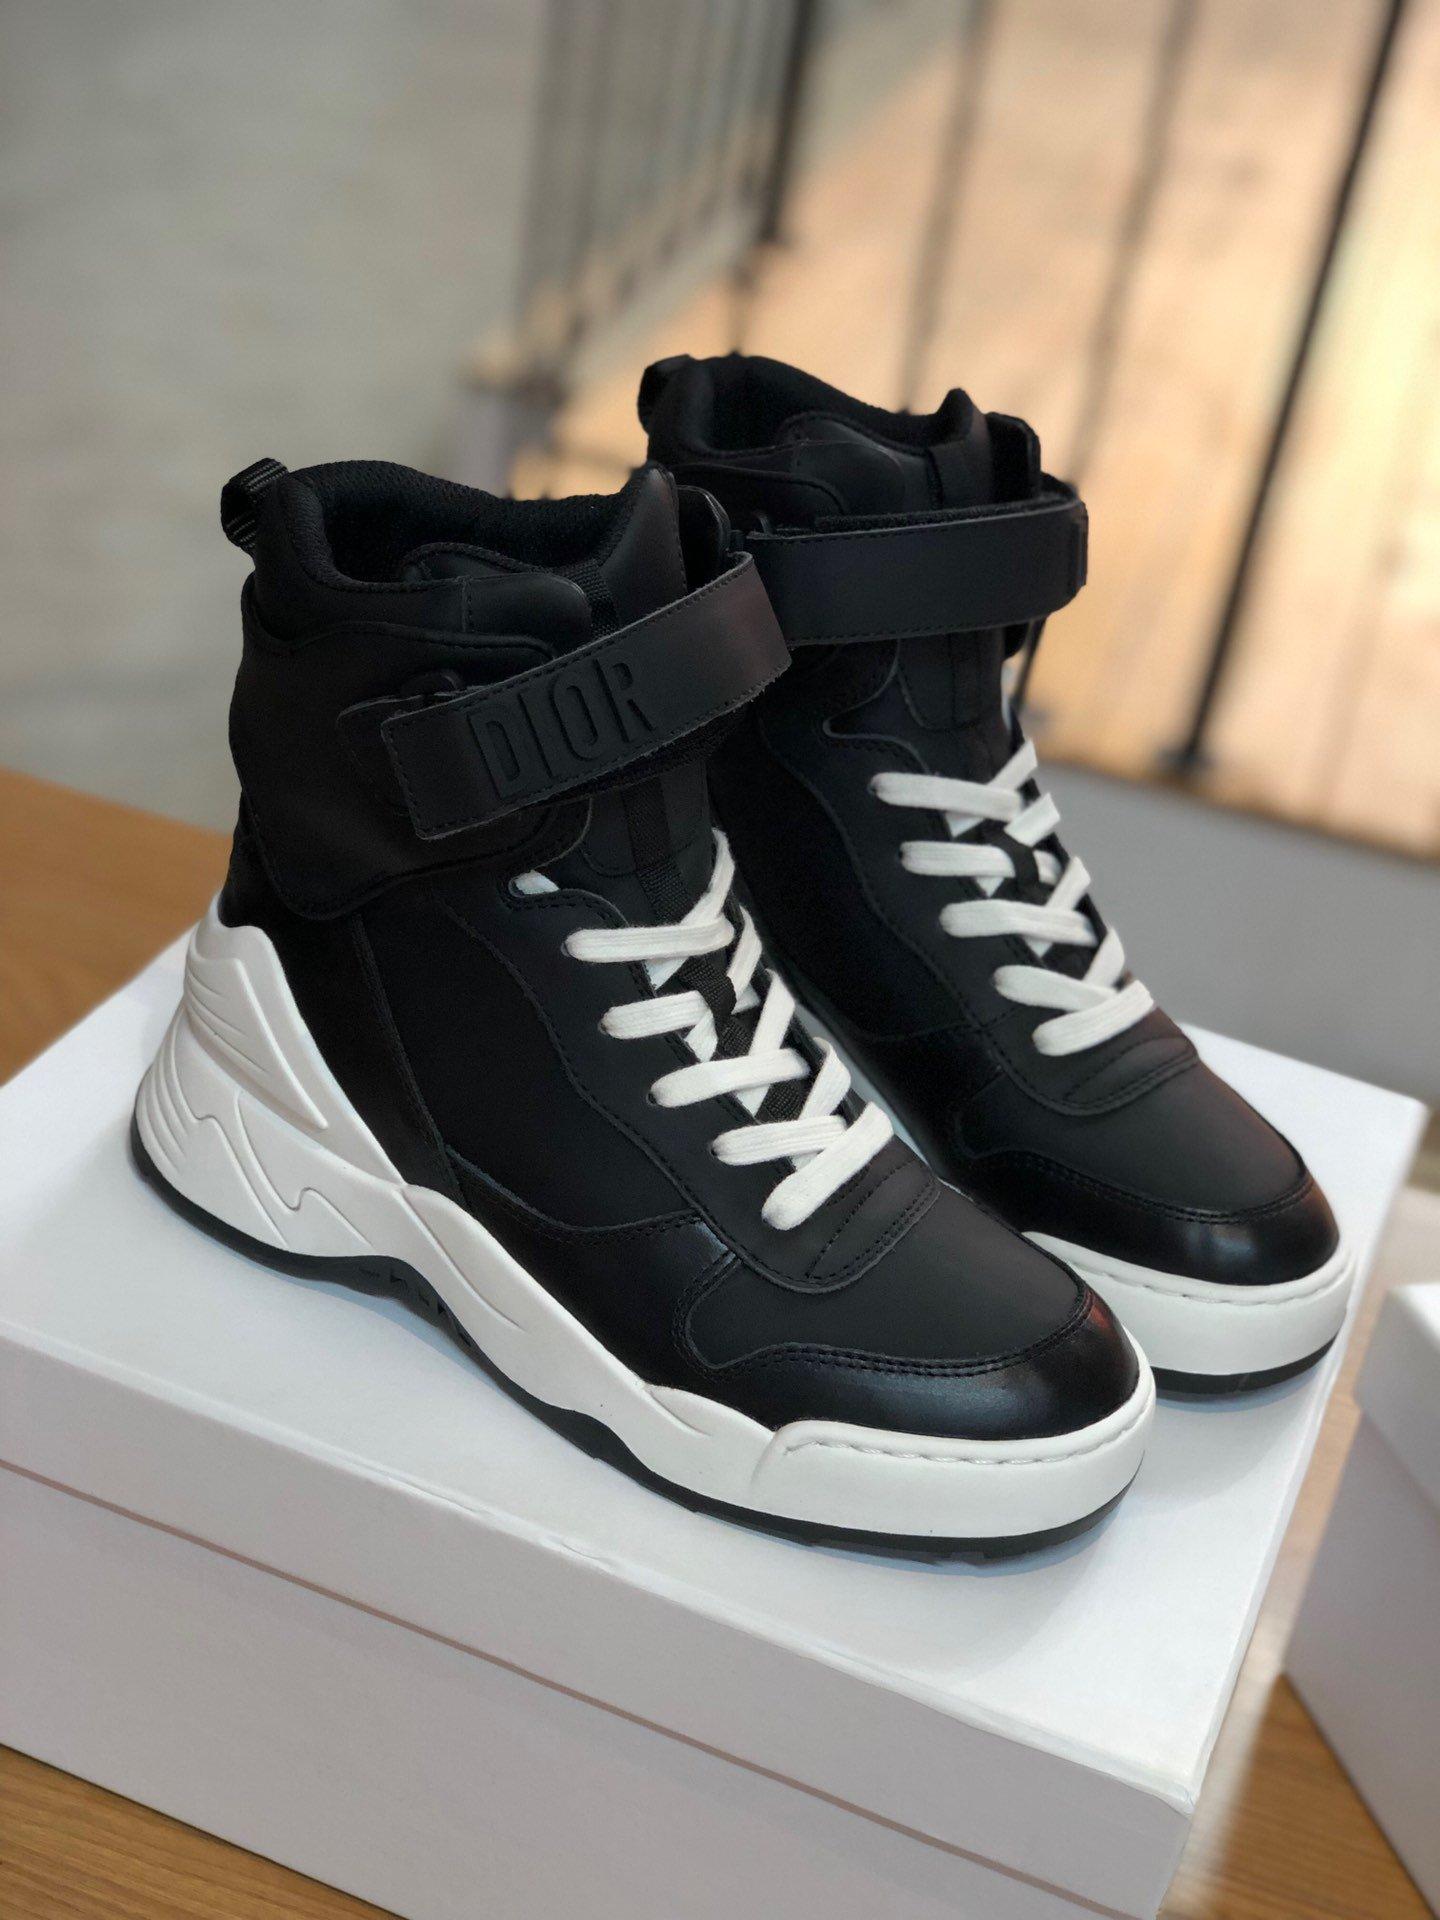 独家高端定制Dior新款潮靴原版一比